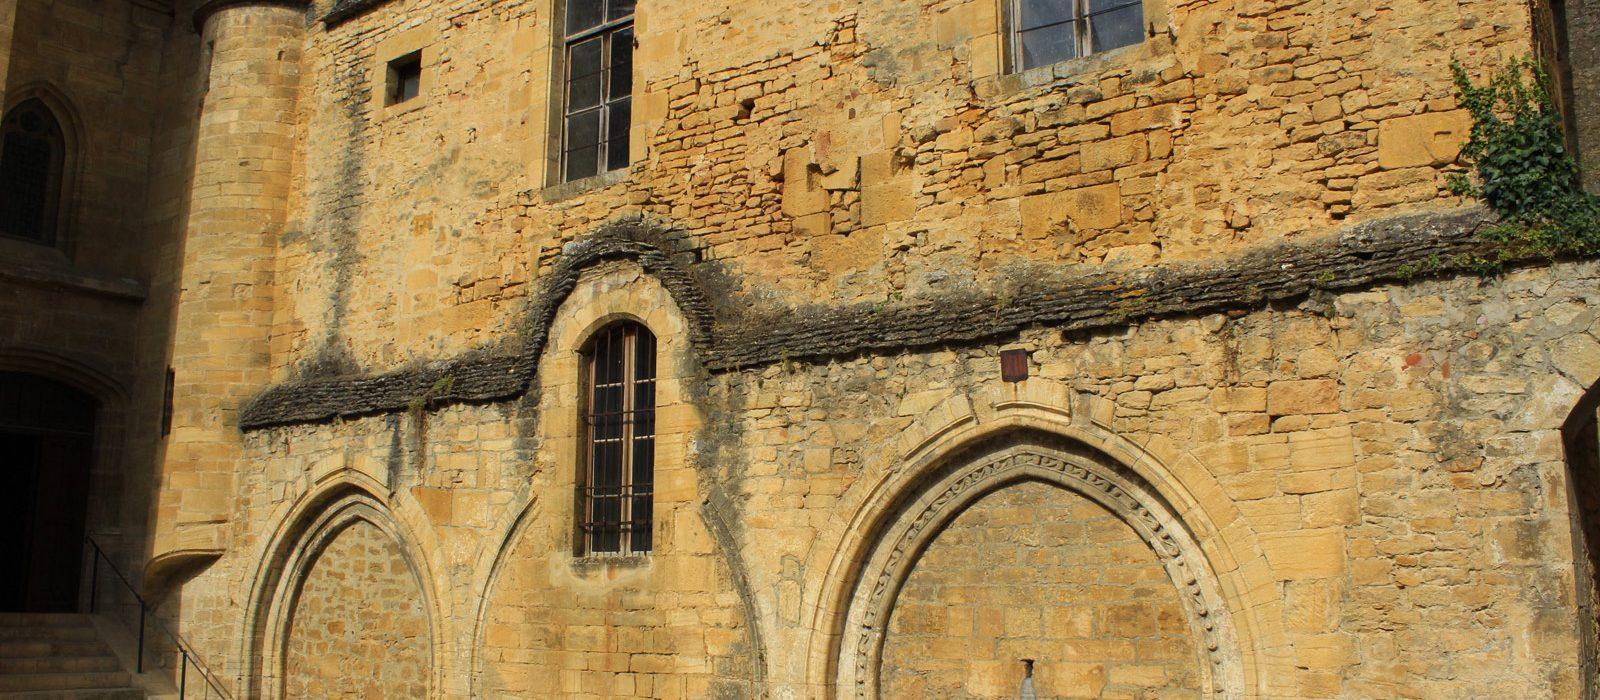 Sarlat cité médiévale en Périgord Noir